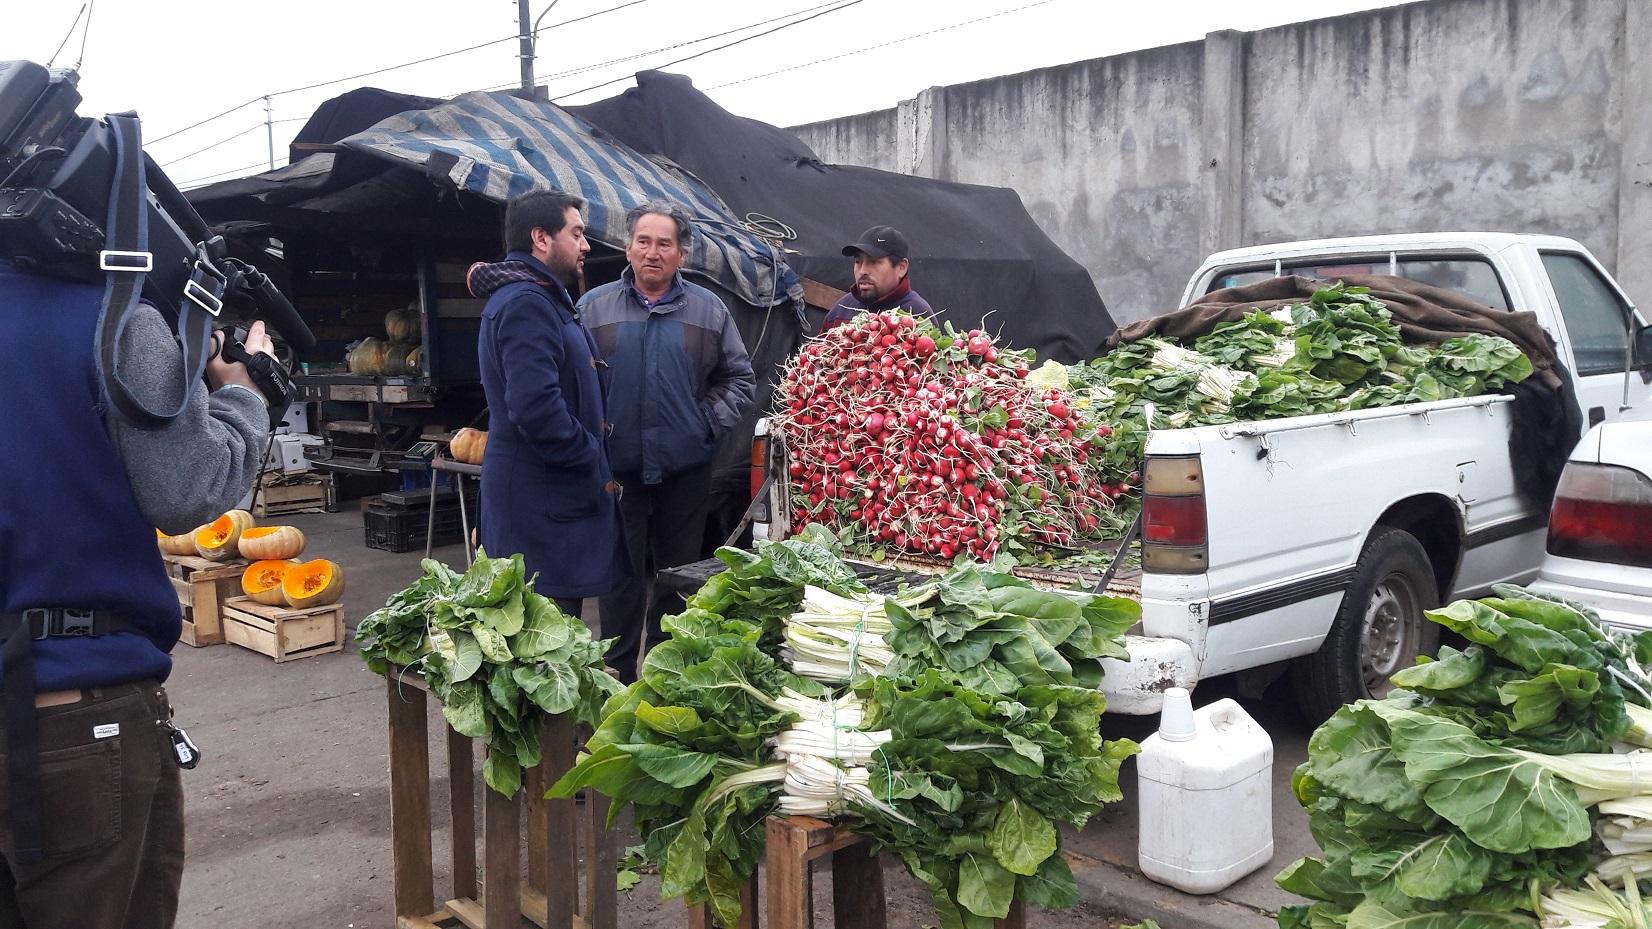 Limones y tomates subieron sus precios debido a las fiestas patrias